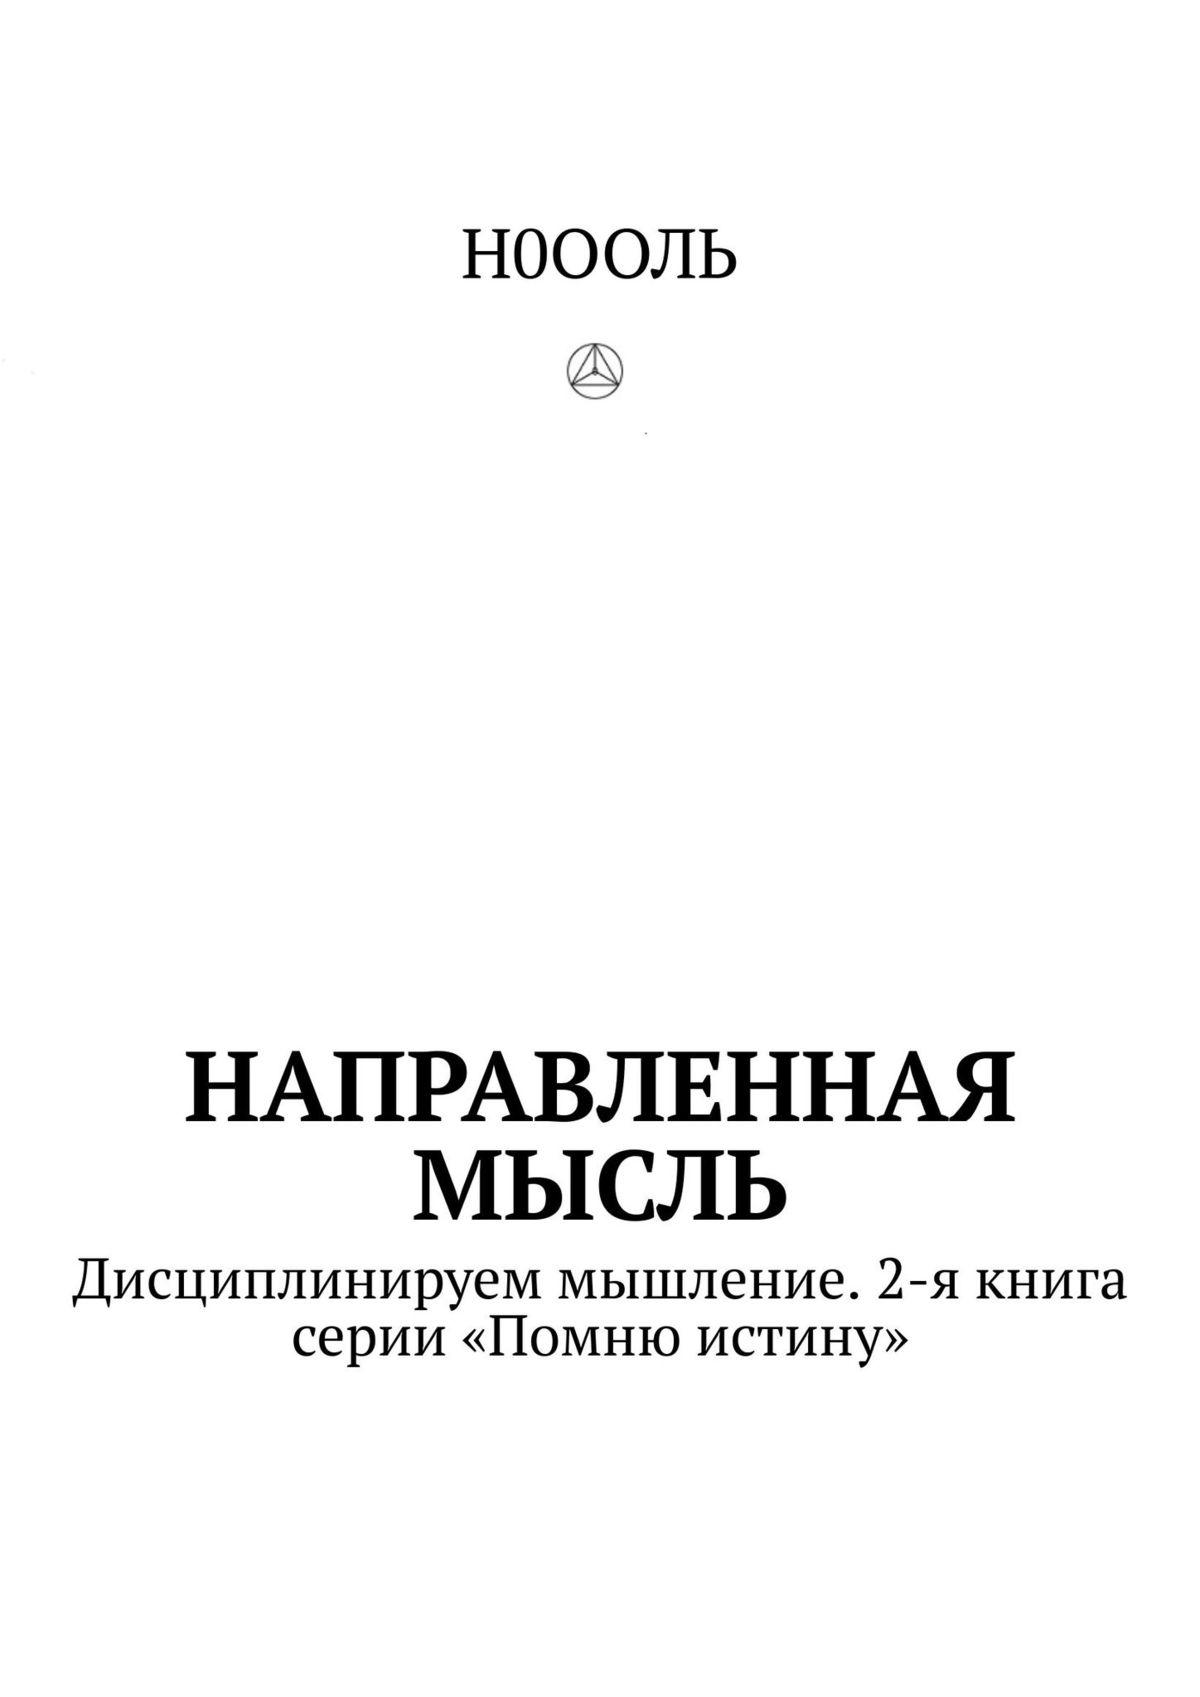 Н0ООЛЬ Направленная мысль. Дисциплинируем мышление. 2-я книга серии «Помню истину»